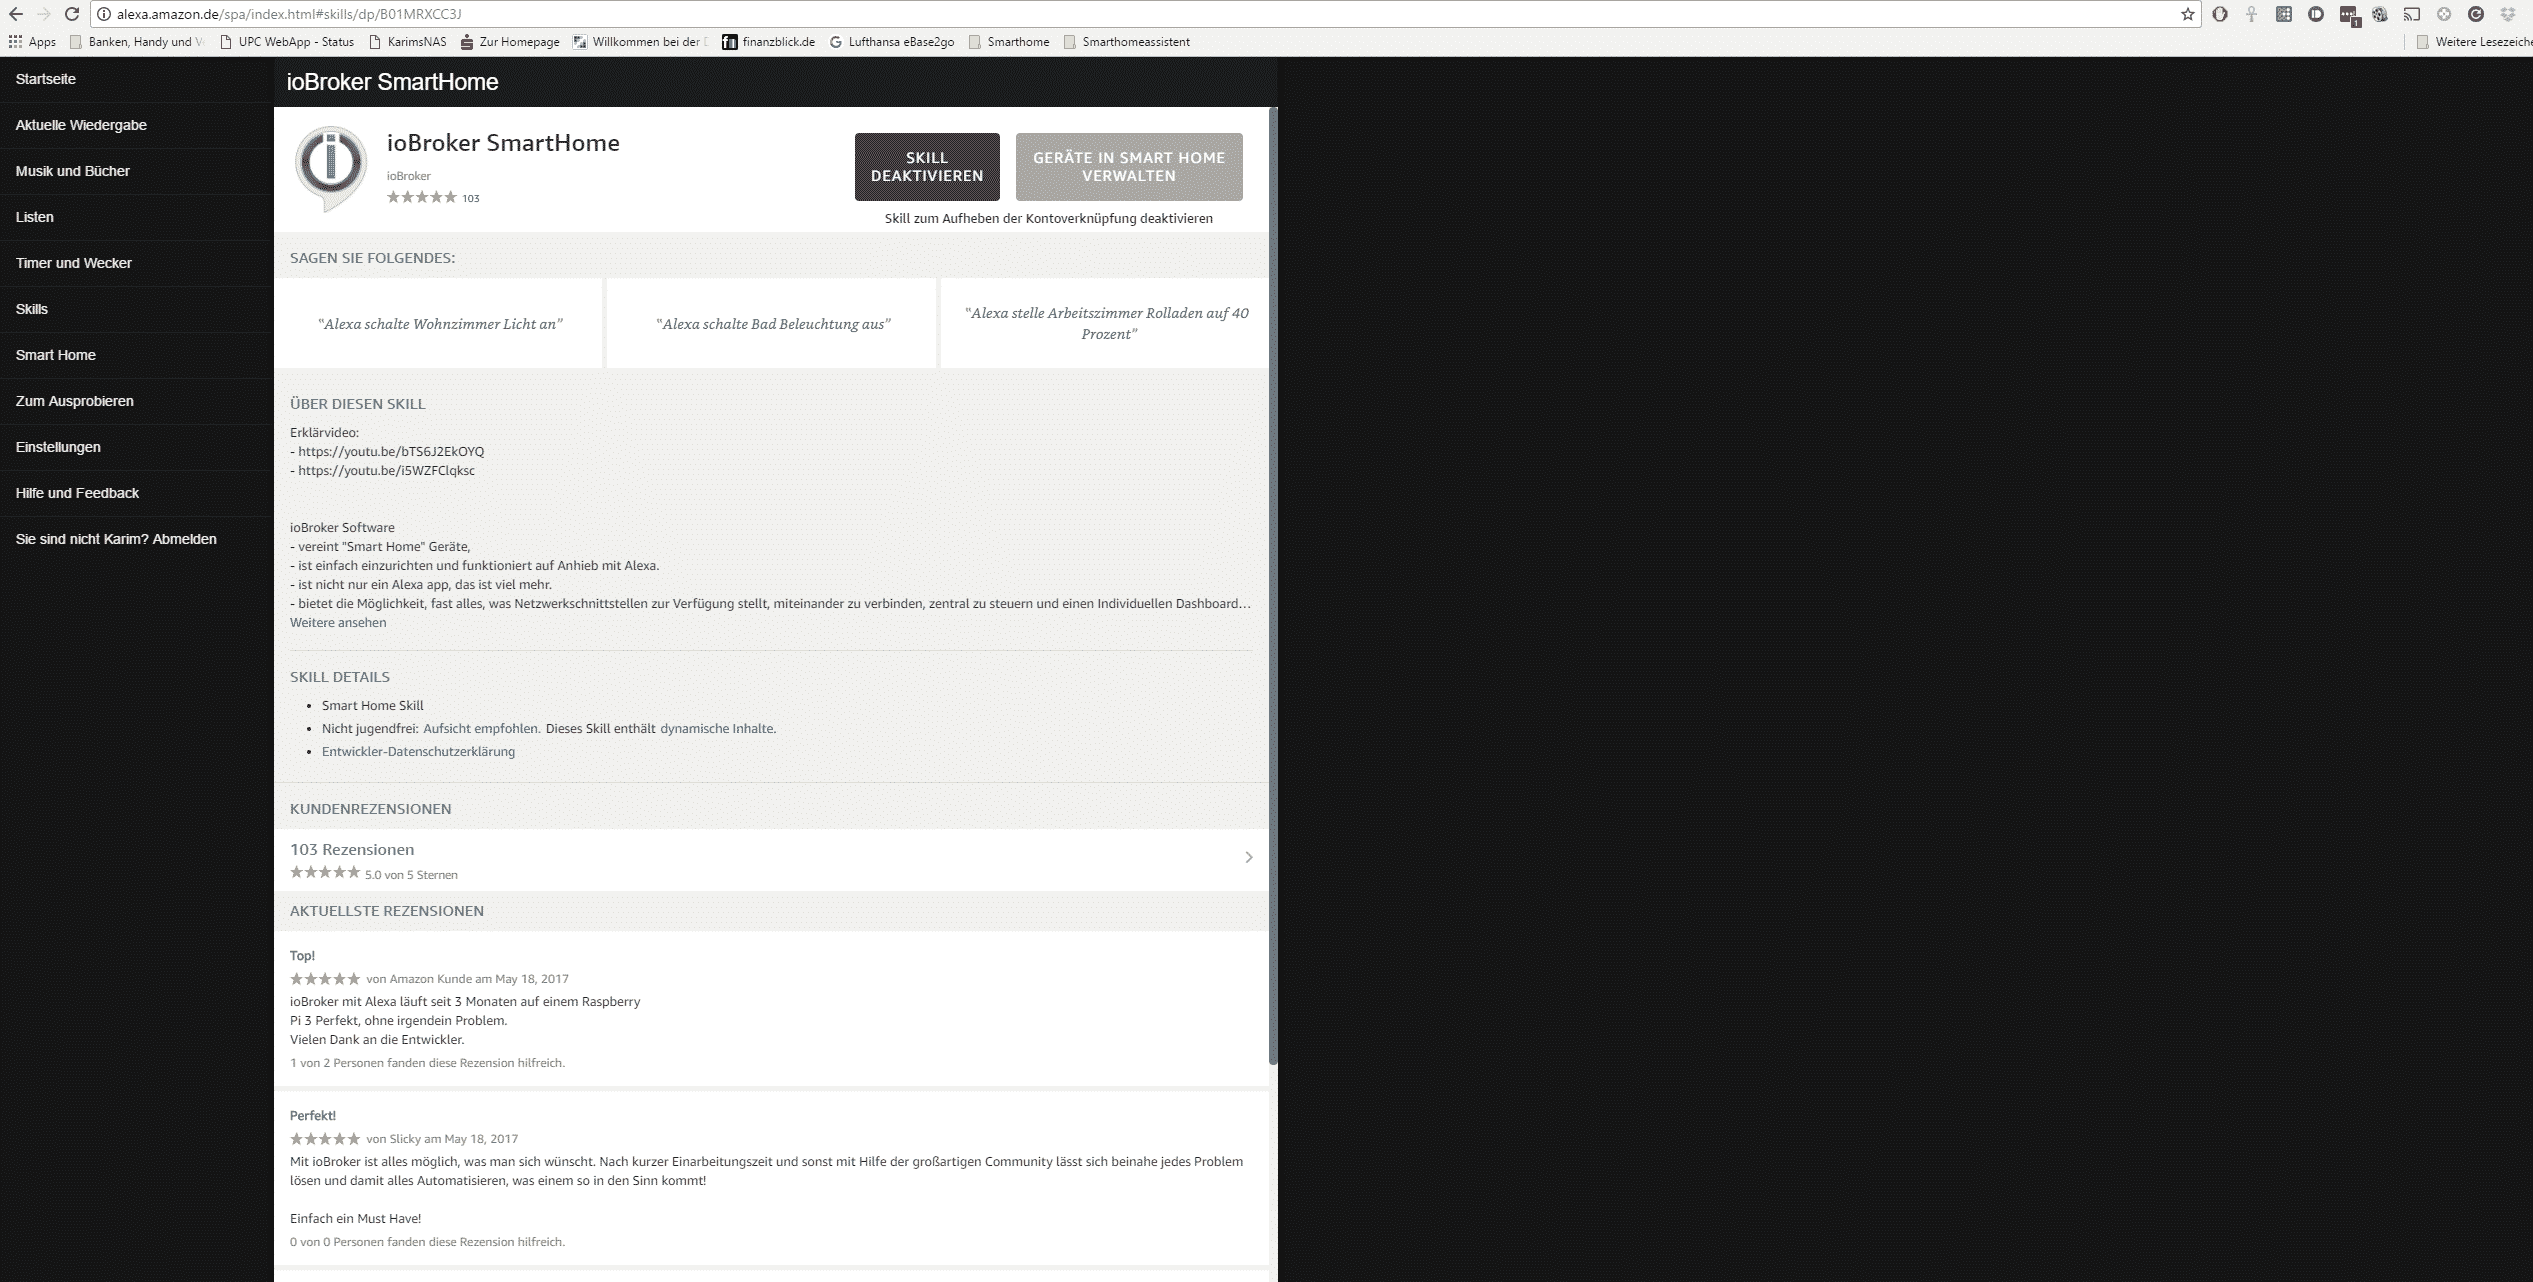 ioBroker-mit-Amazon-Alexa-verbinden-3